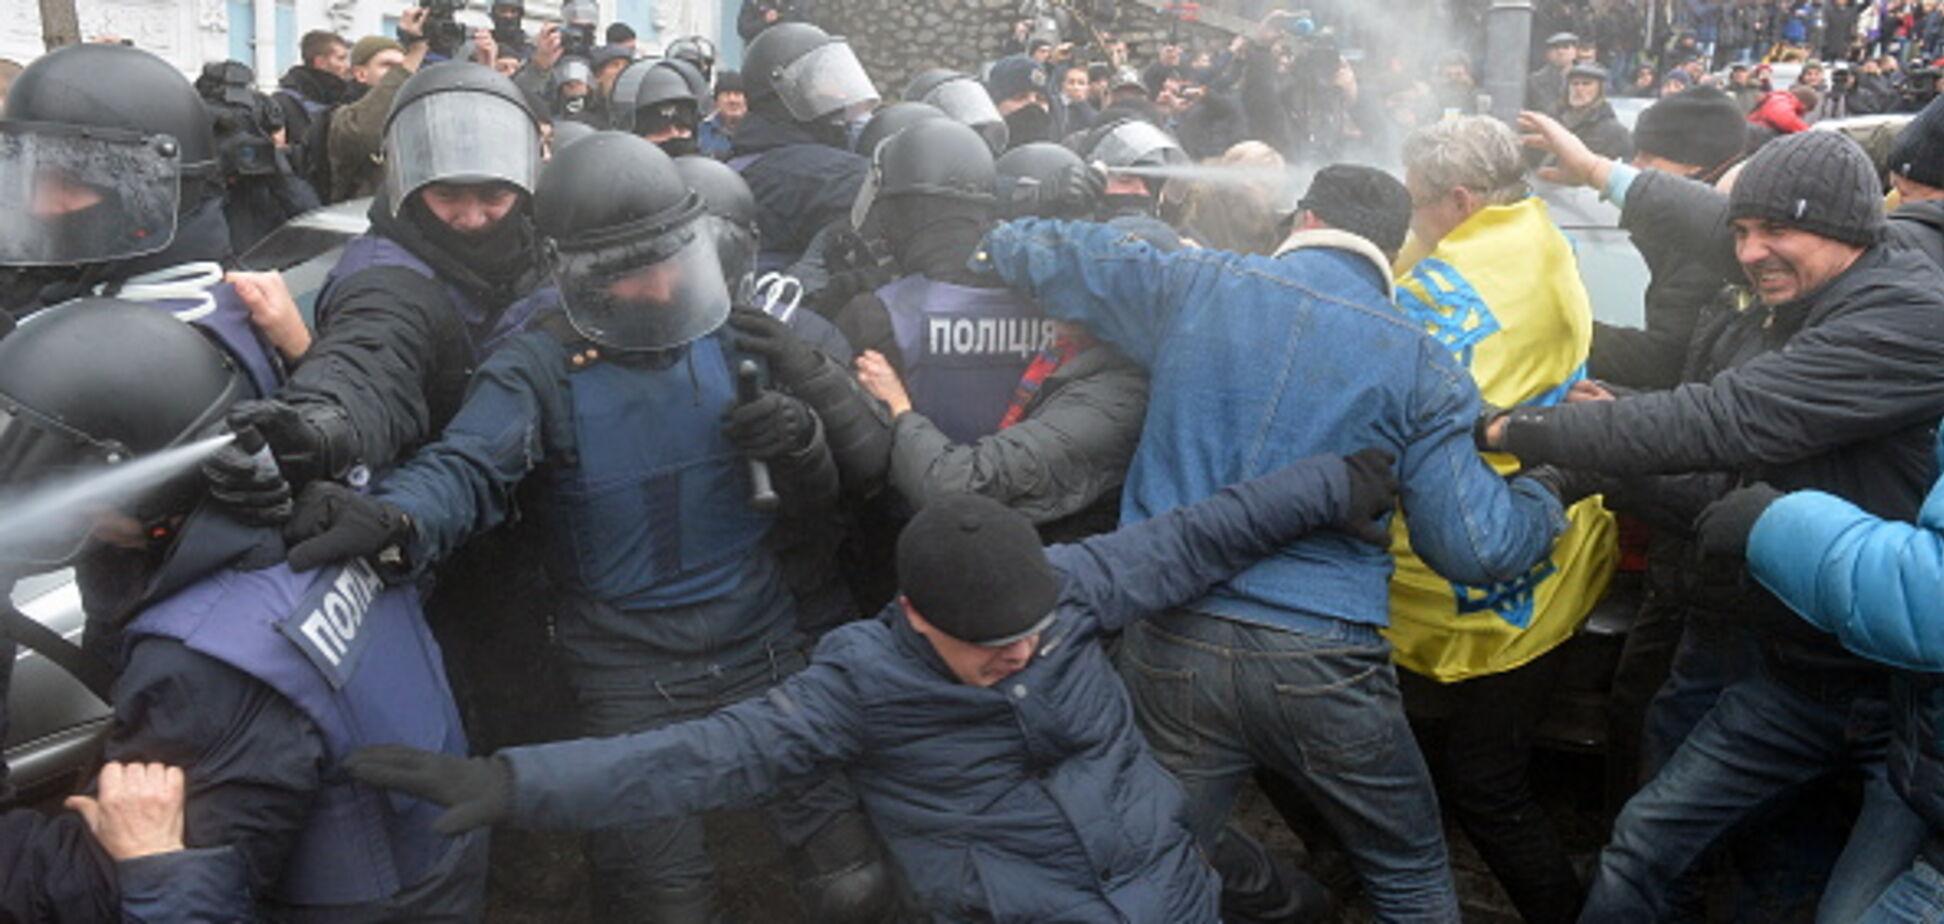 'Освобождение' Саакашвили: в МВД назвали количество задержанных